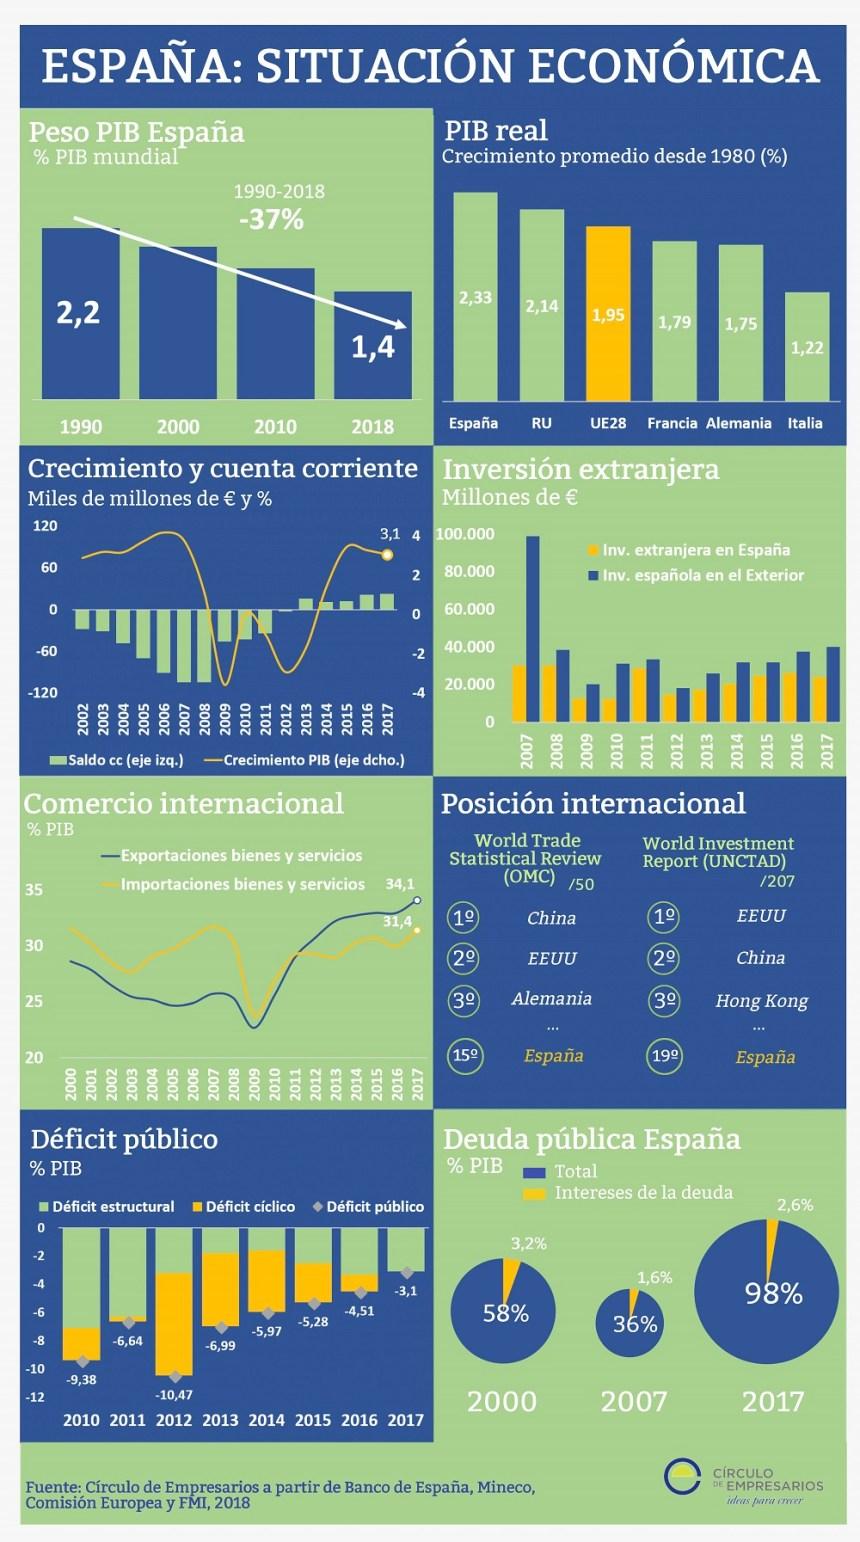 España: situación económica